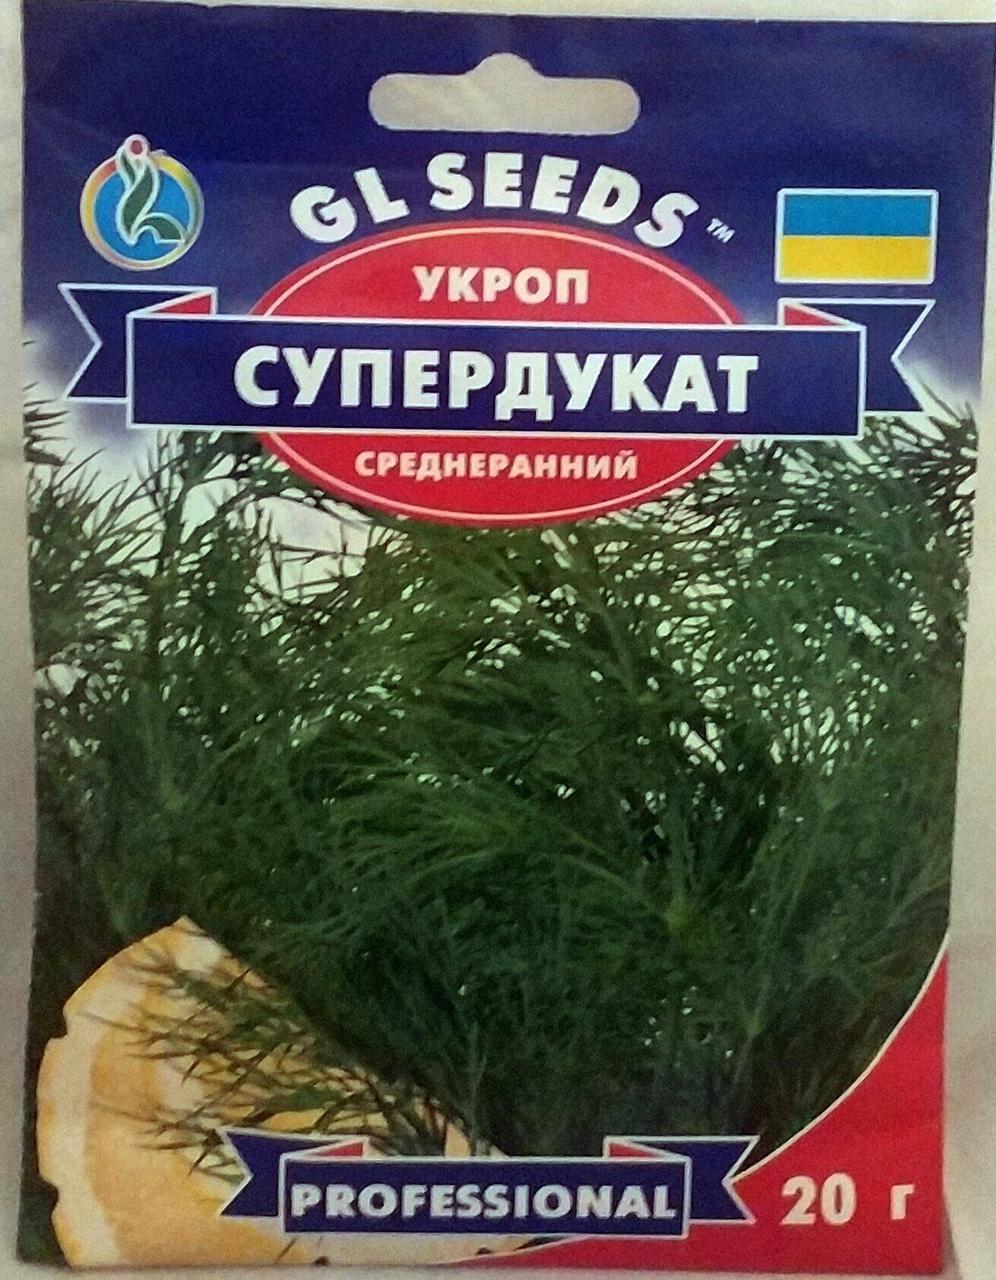 Кріп Супердукат 20г (GL Seeds)